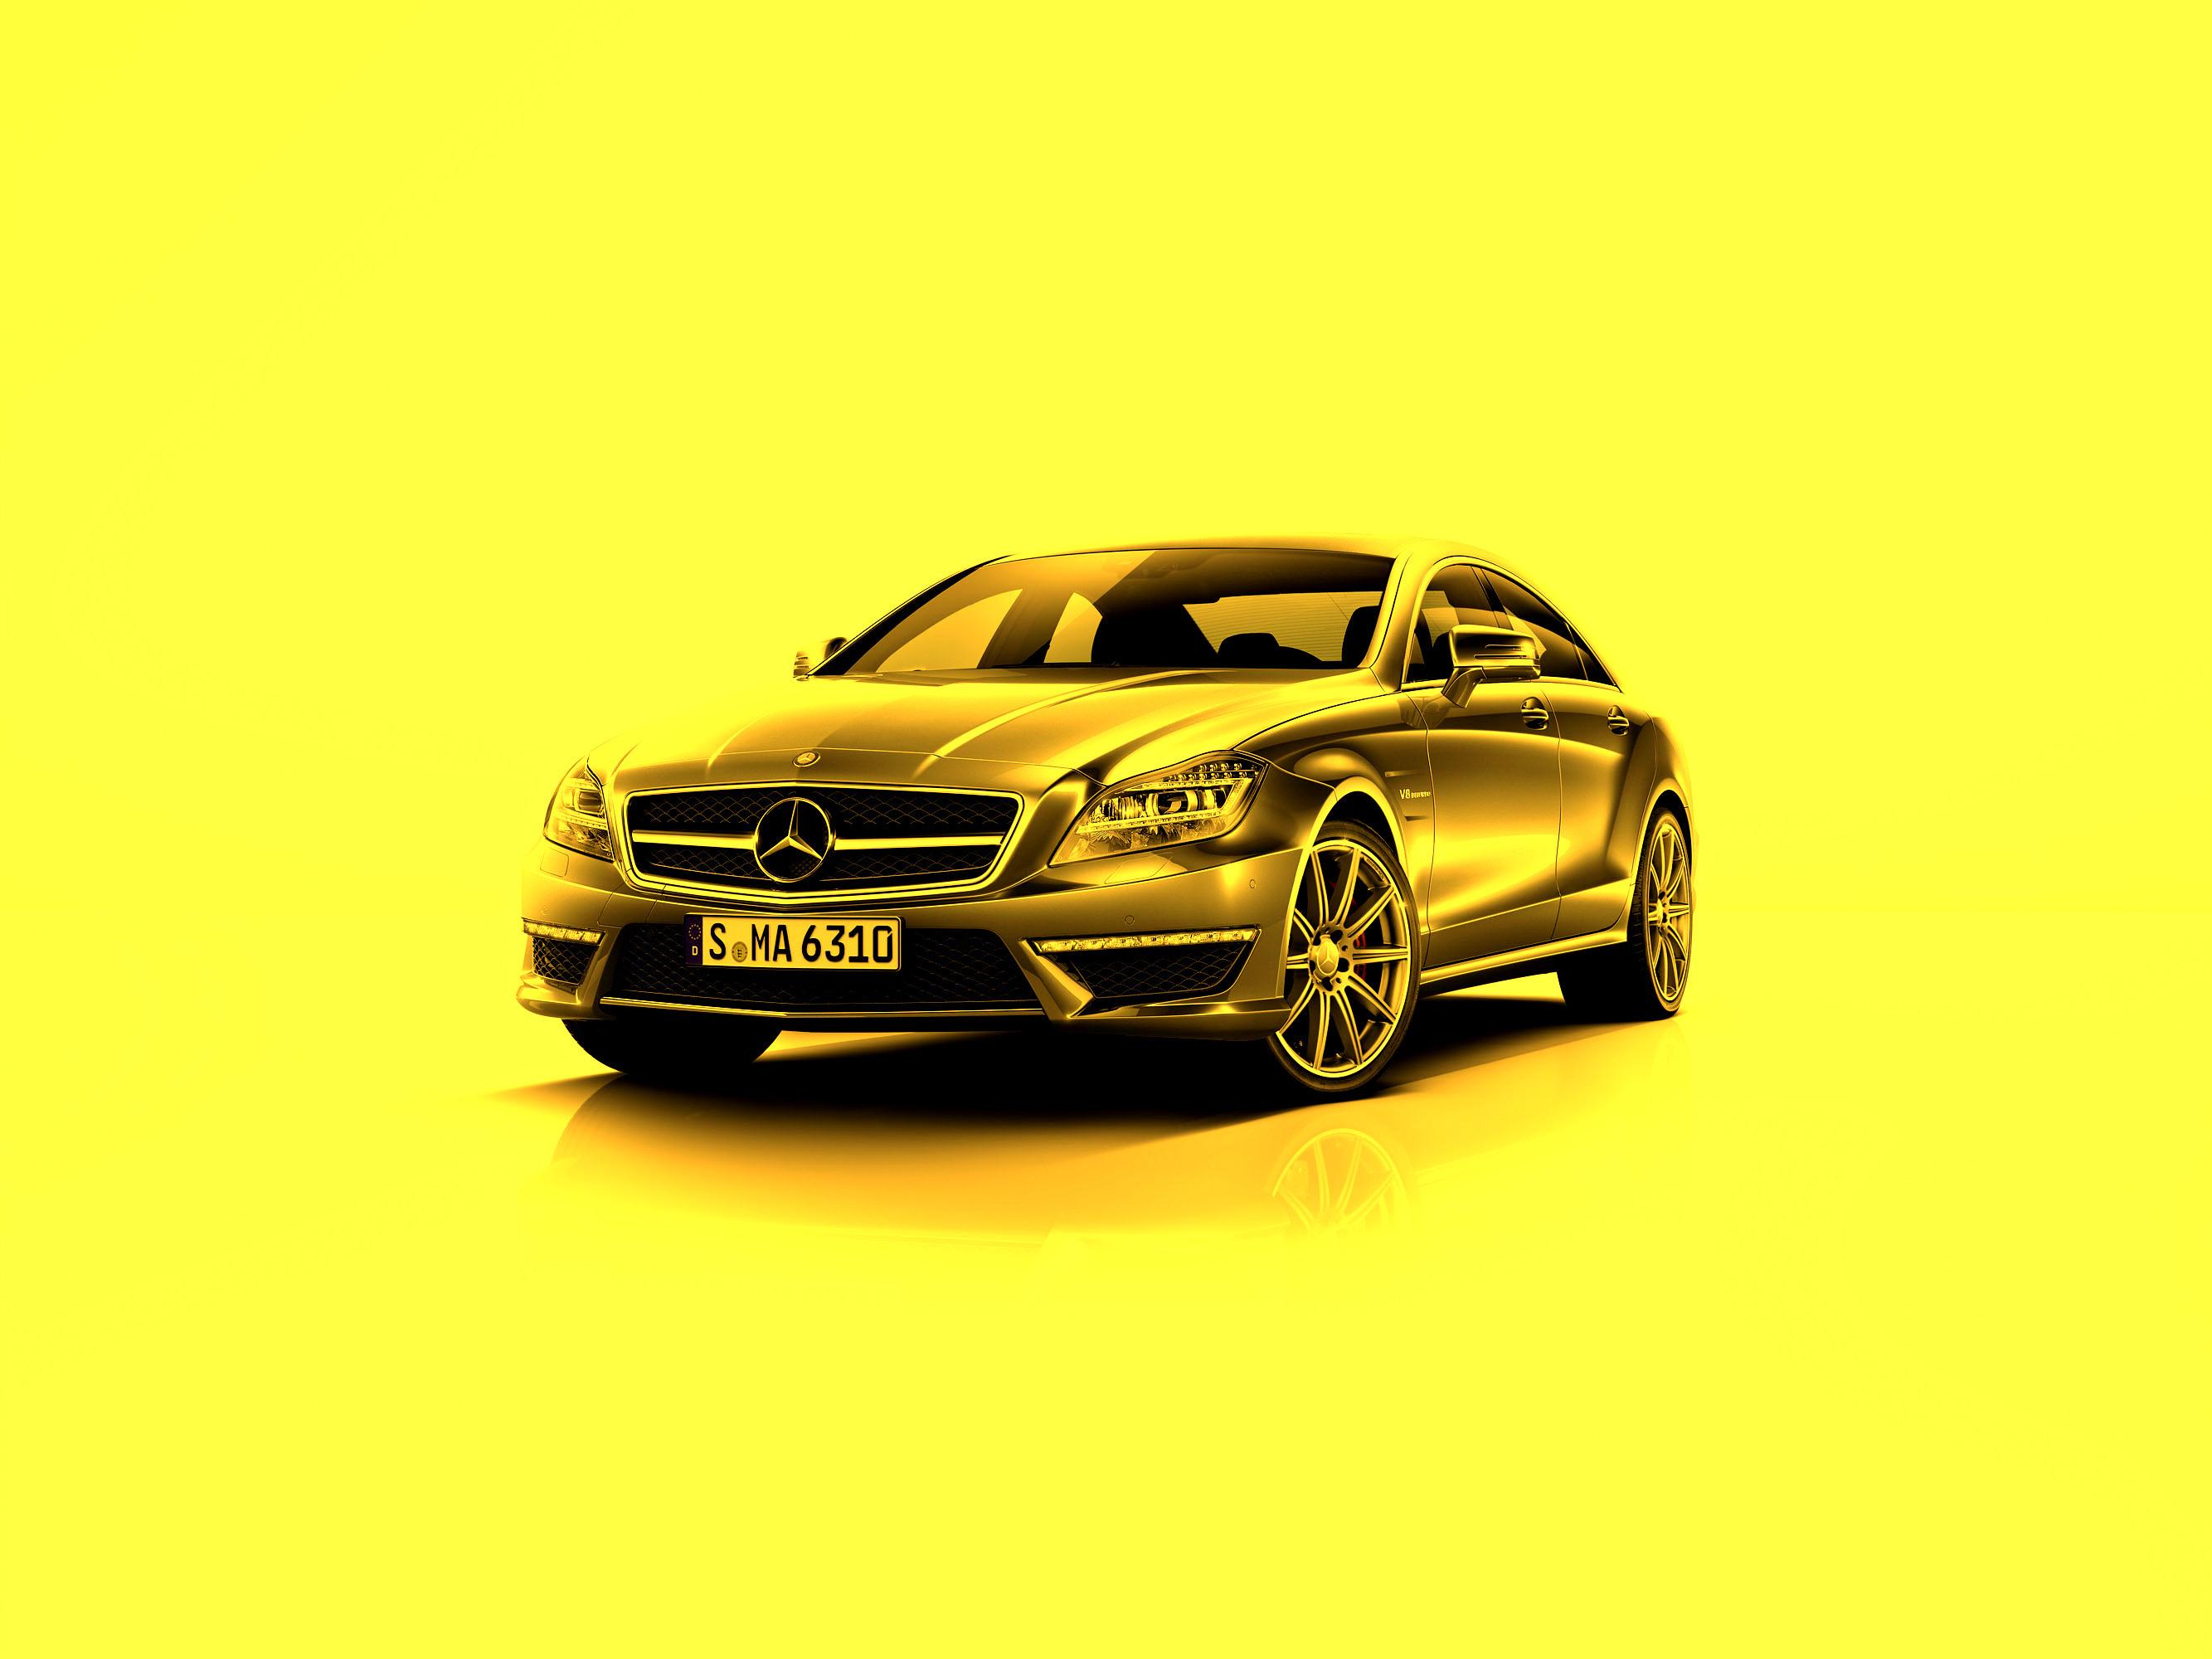 46922 скачать обои Транспорт, Машины, Мерседес (Mercedes) - заставки и картинки бесплатно